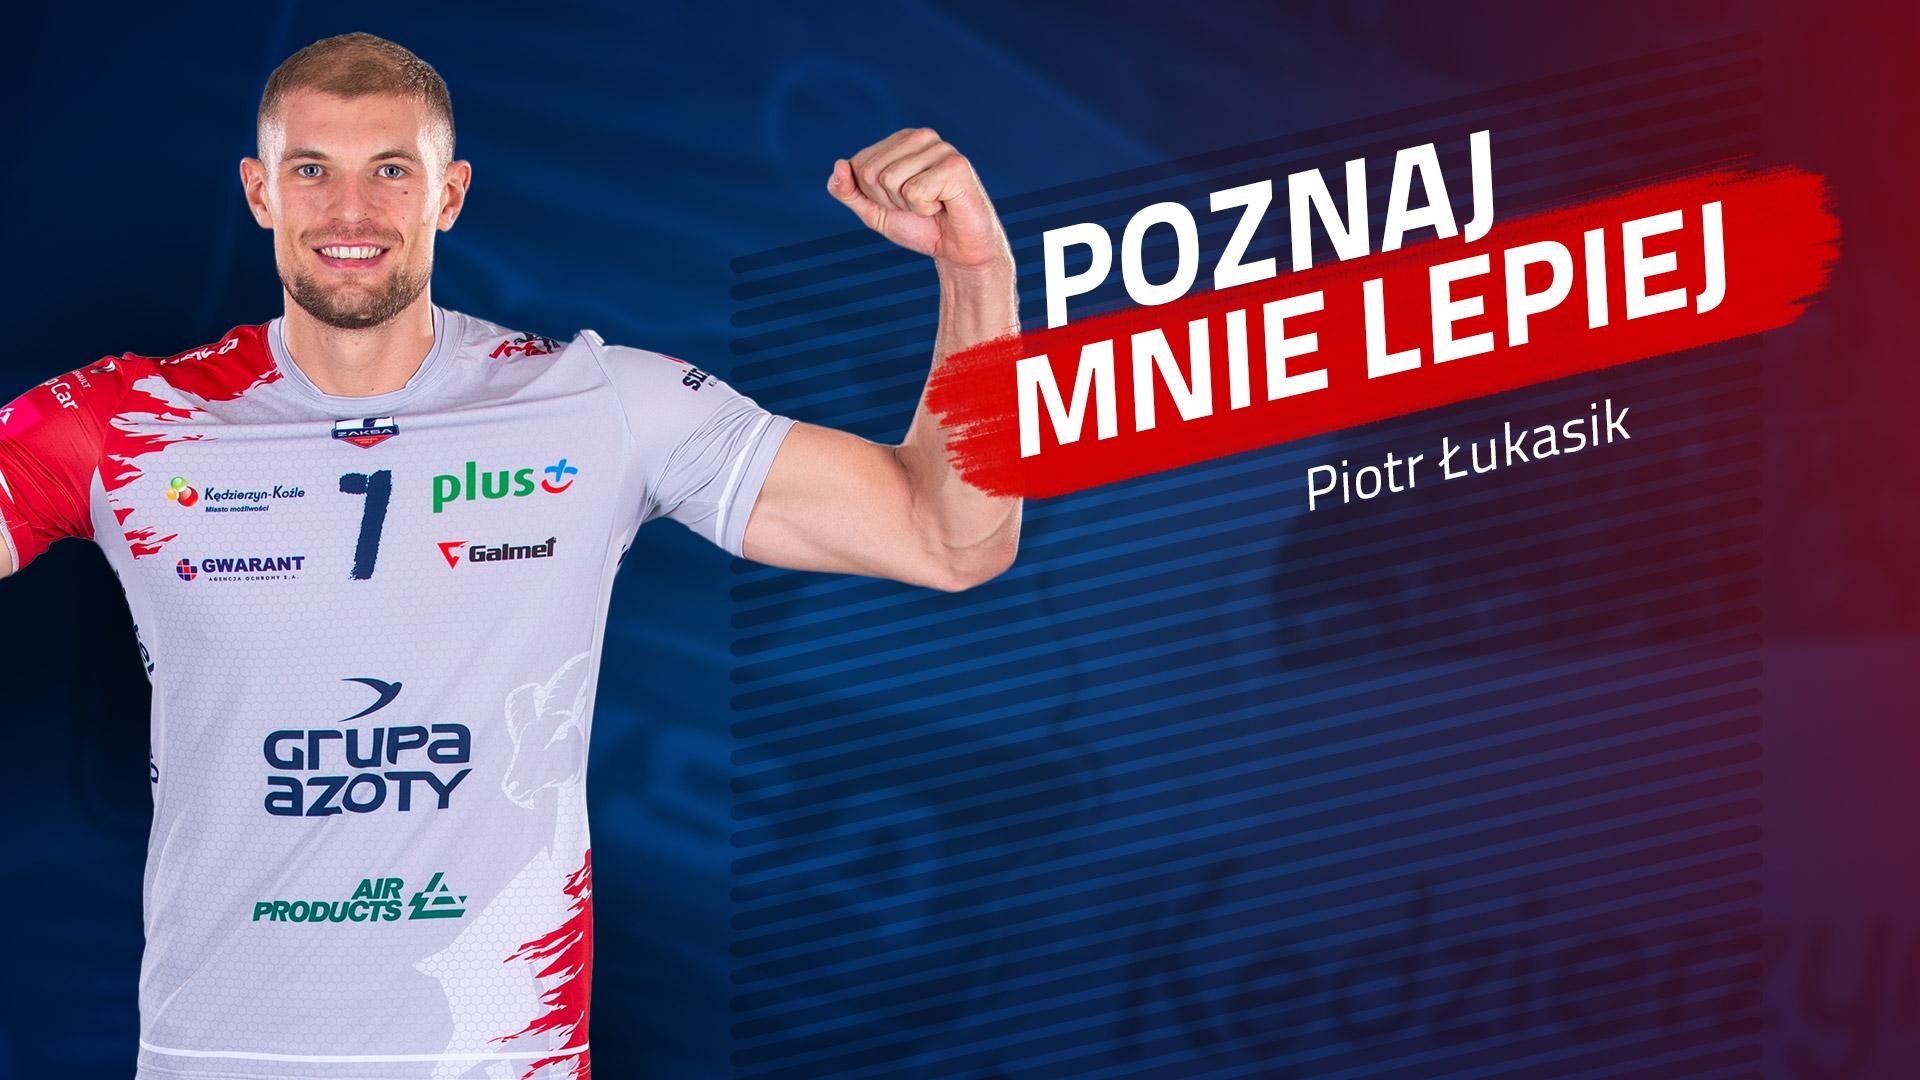 Poznaj mnie lepiej: Piotr Łukasik